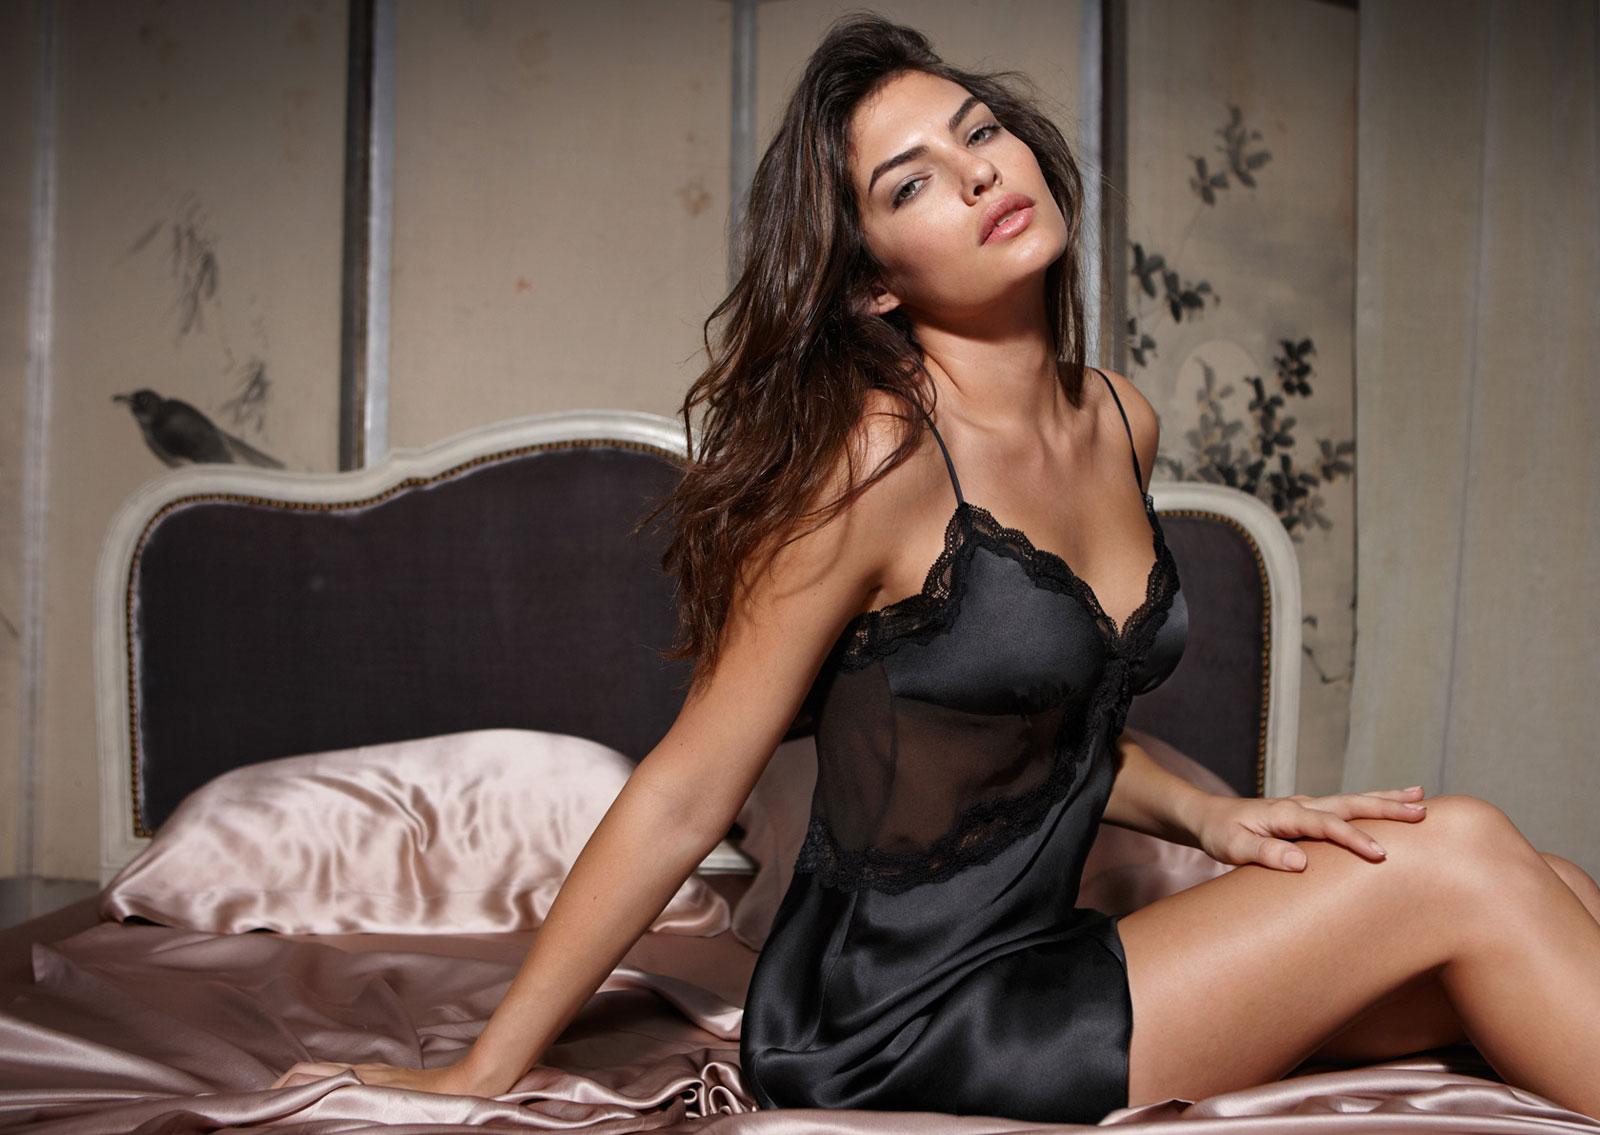 Kylie jenner sheer lingerie